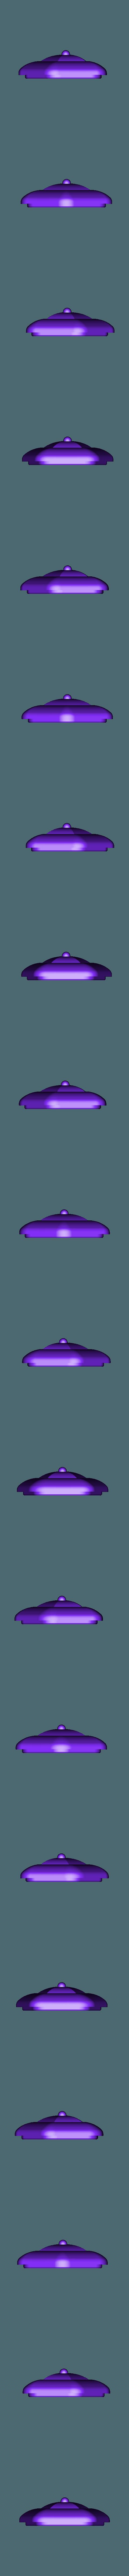 Couvercle.stl Télécharger fichier STL gratuit Boite à bijoux pour la Saint Valentin ! • Plan à imprimer en 3D, cedland